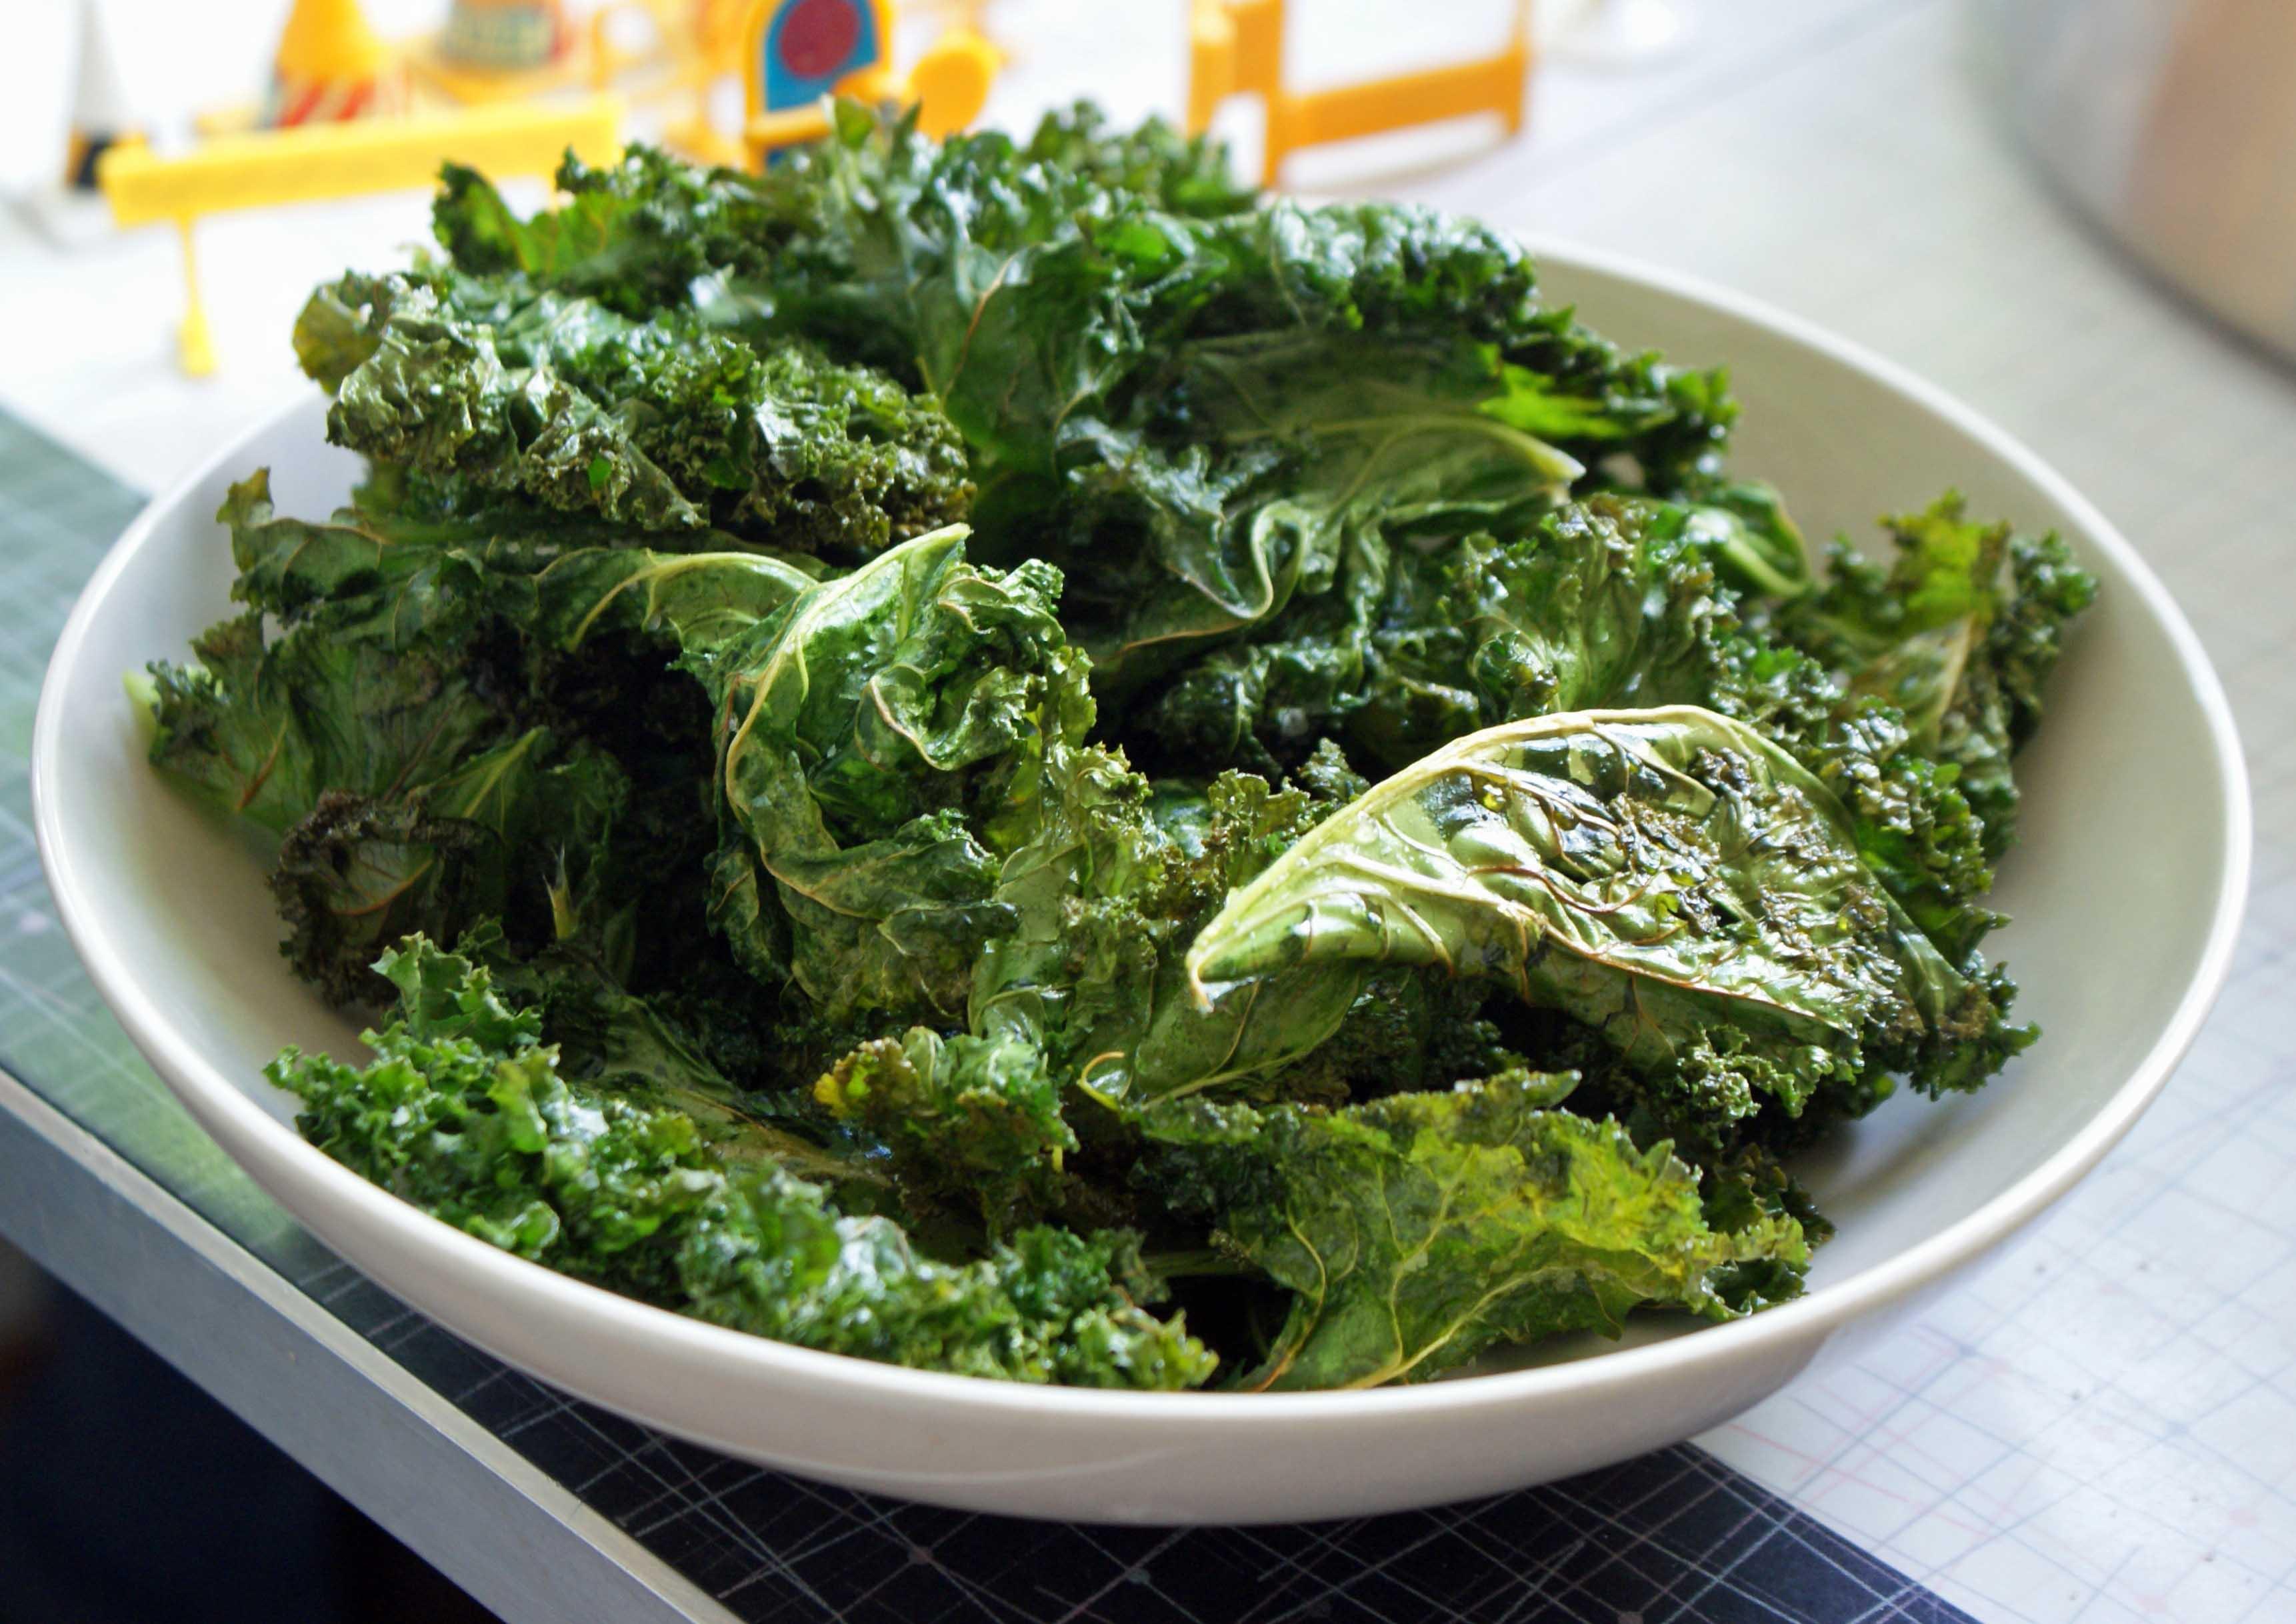 1. Kale Chips